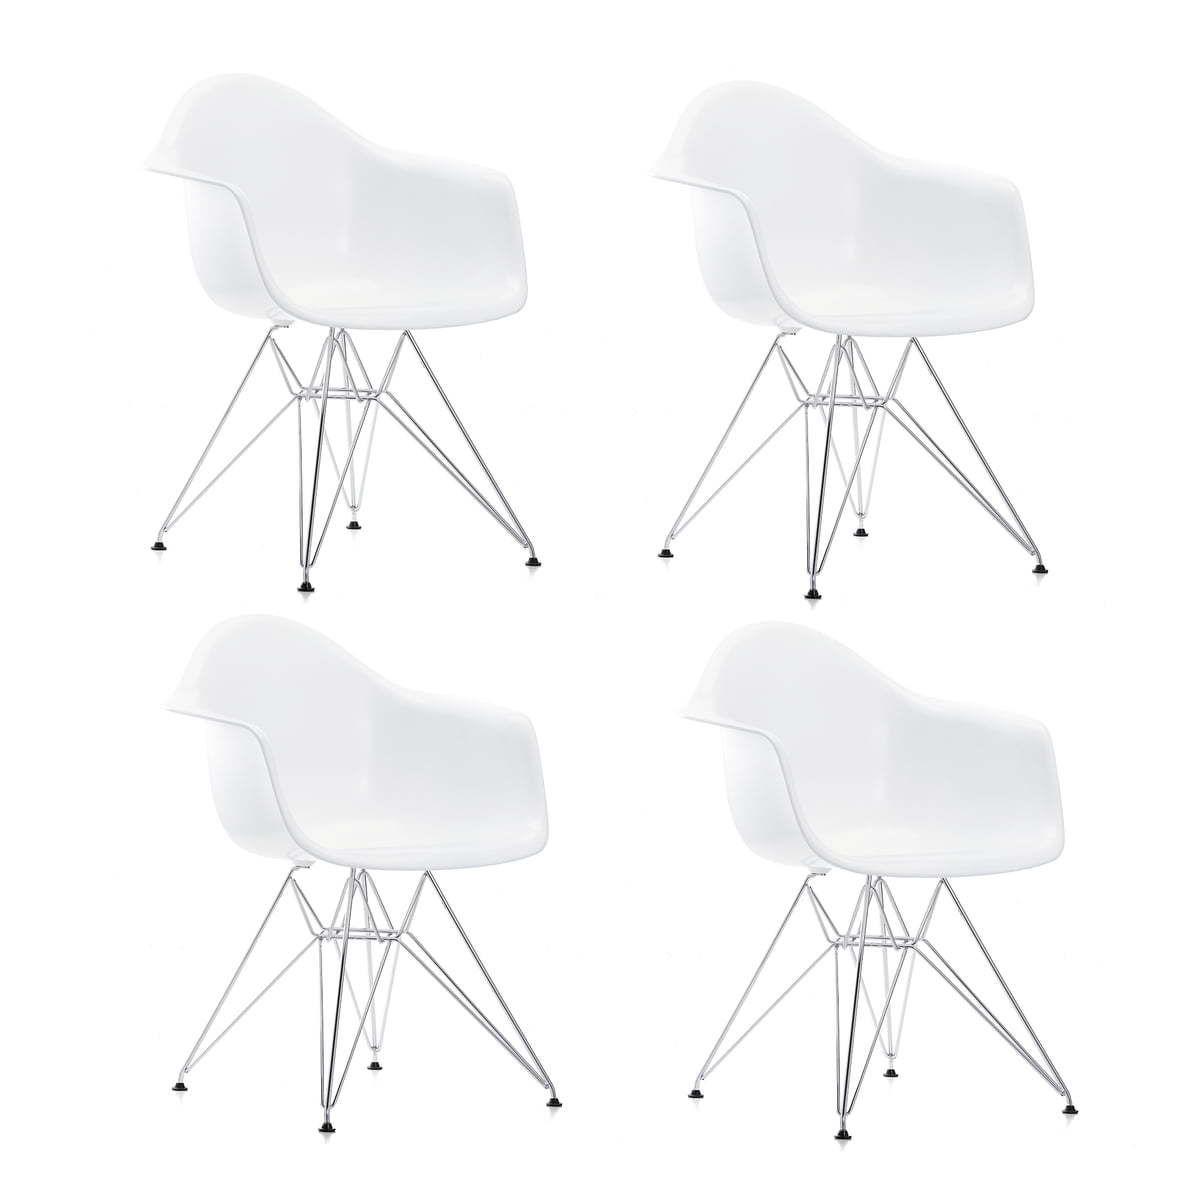 Küchen-designmöbel pin von ladendirekt auf stühle und hocker  pinterest  stühle